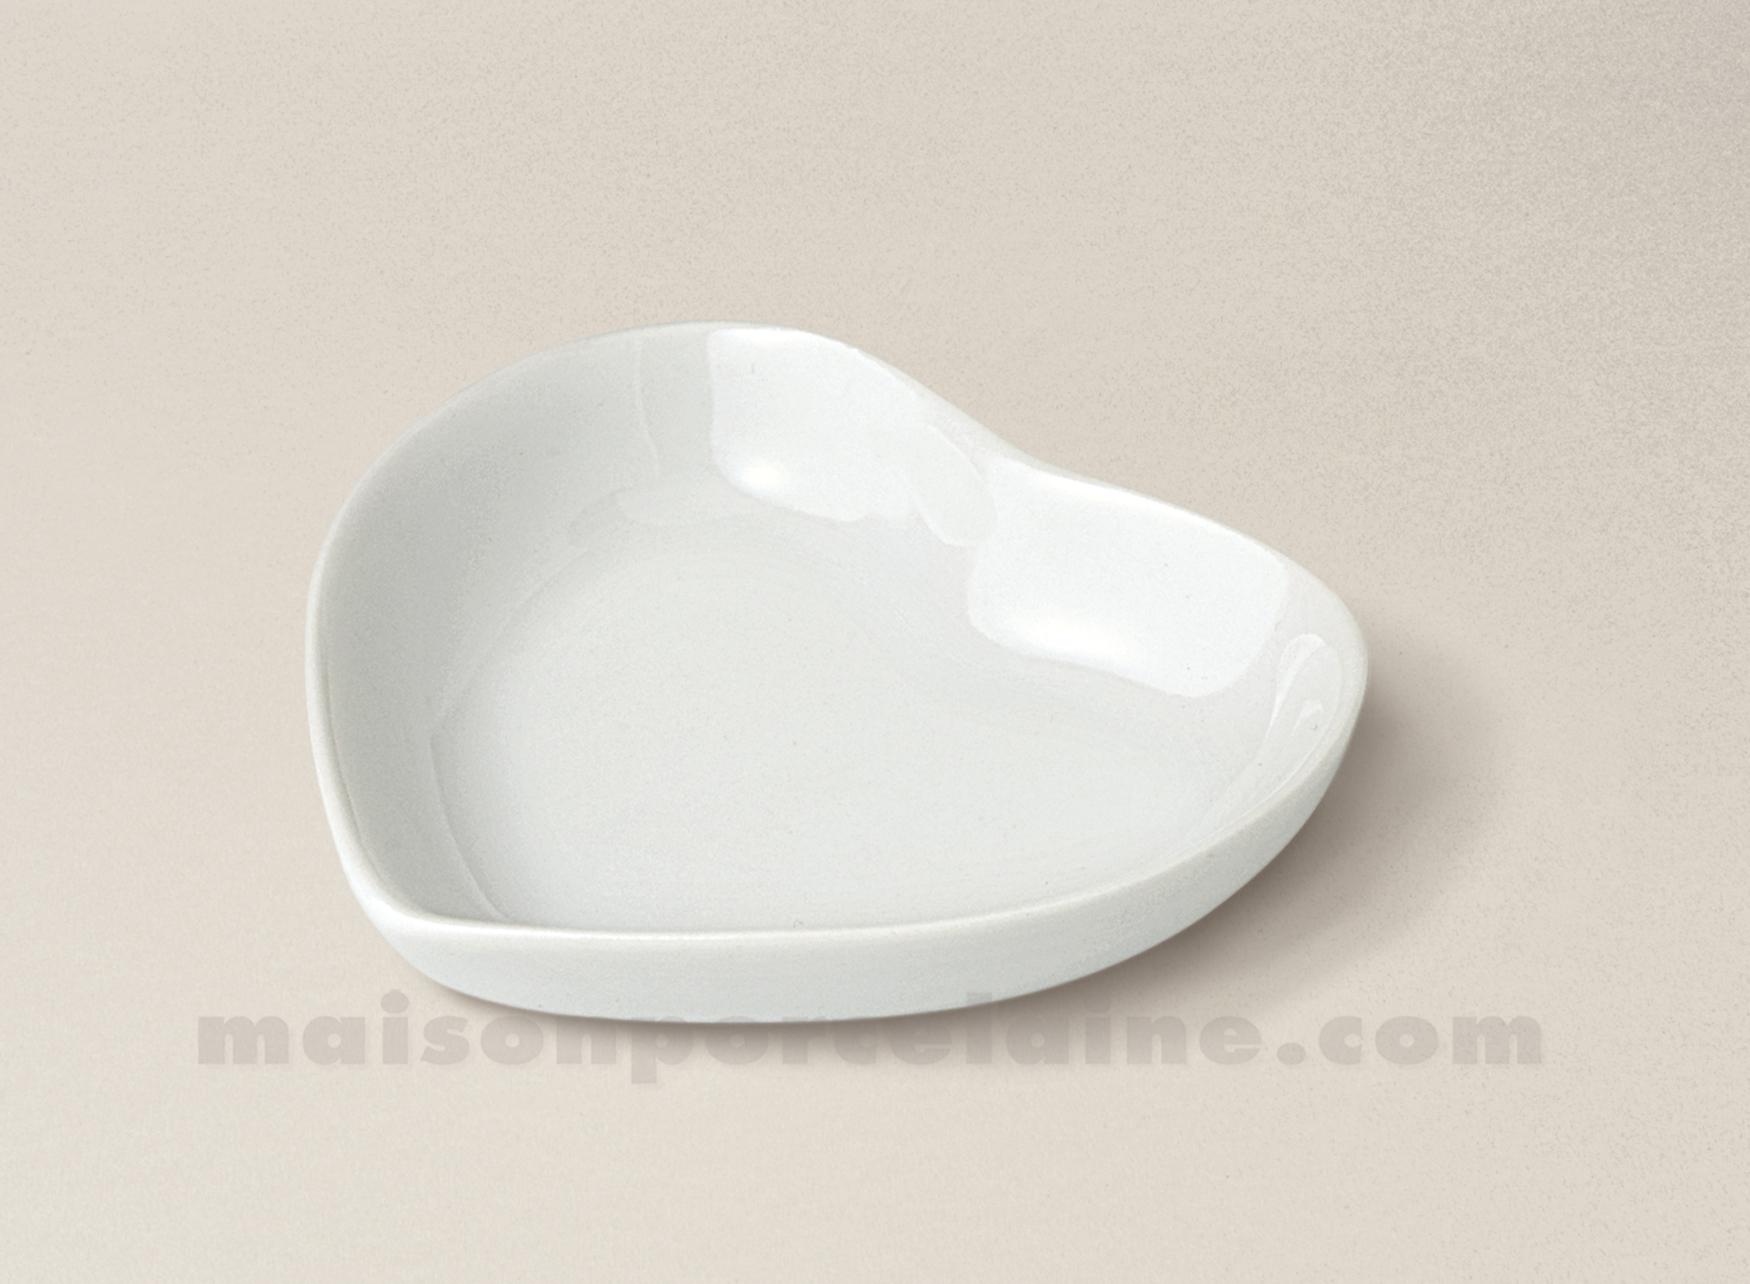 Coupelle porcelaine blanche coeur 6 5x7 5 maison de la for Maison de la porcelaine